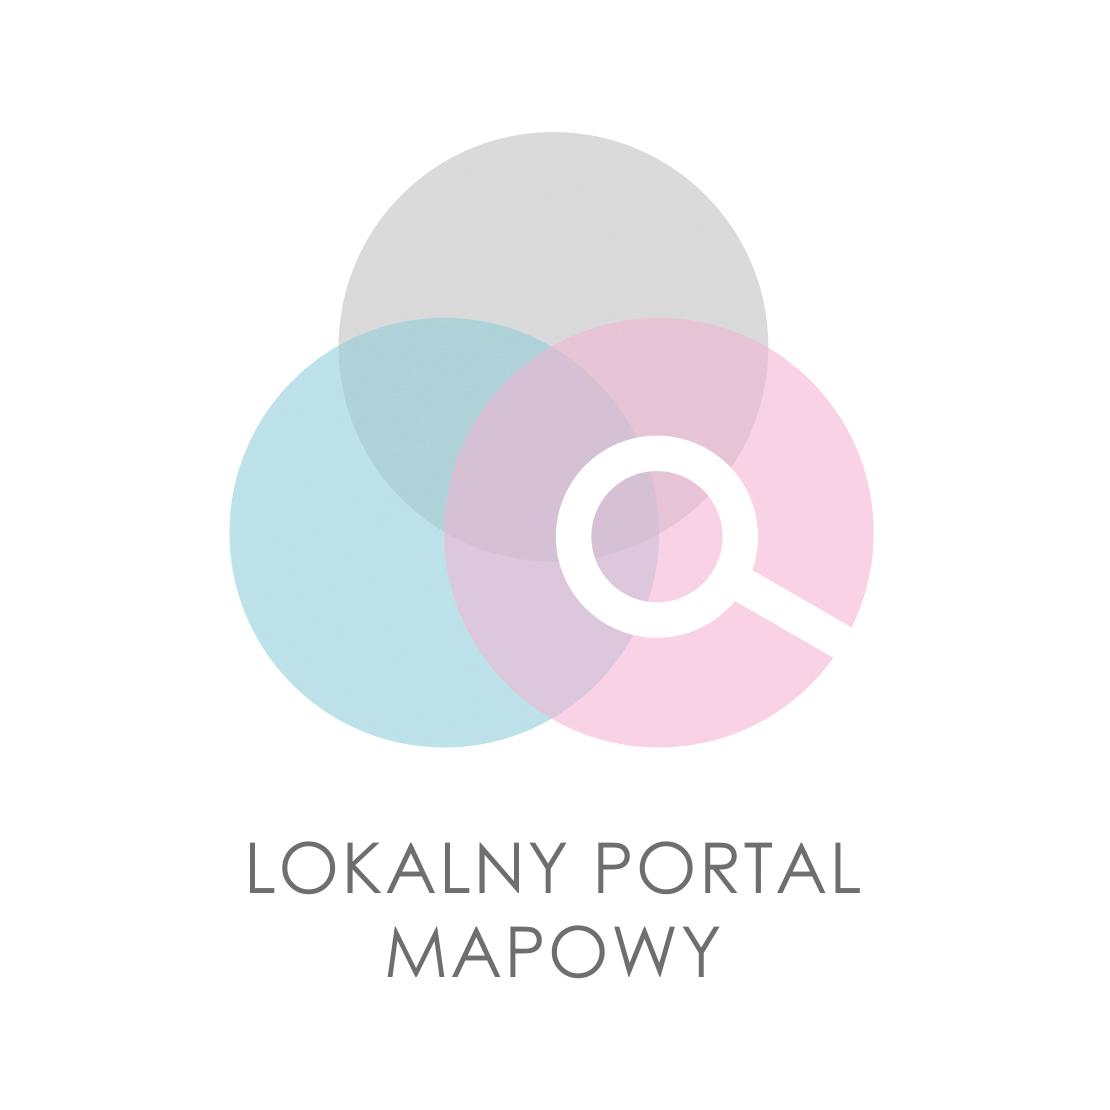 Gmina Zakrzew portal mapowy, logotyp